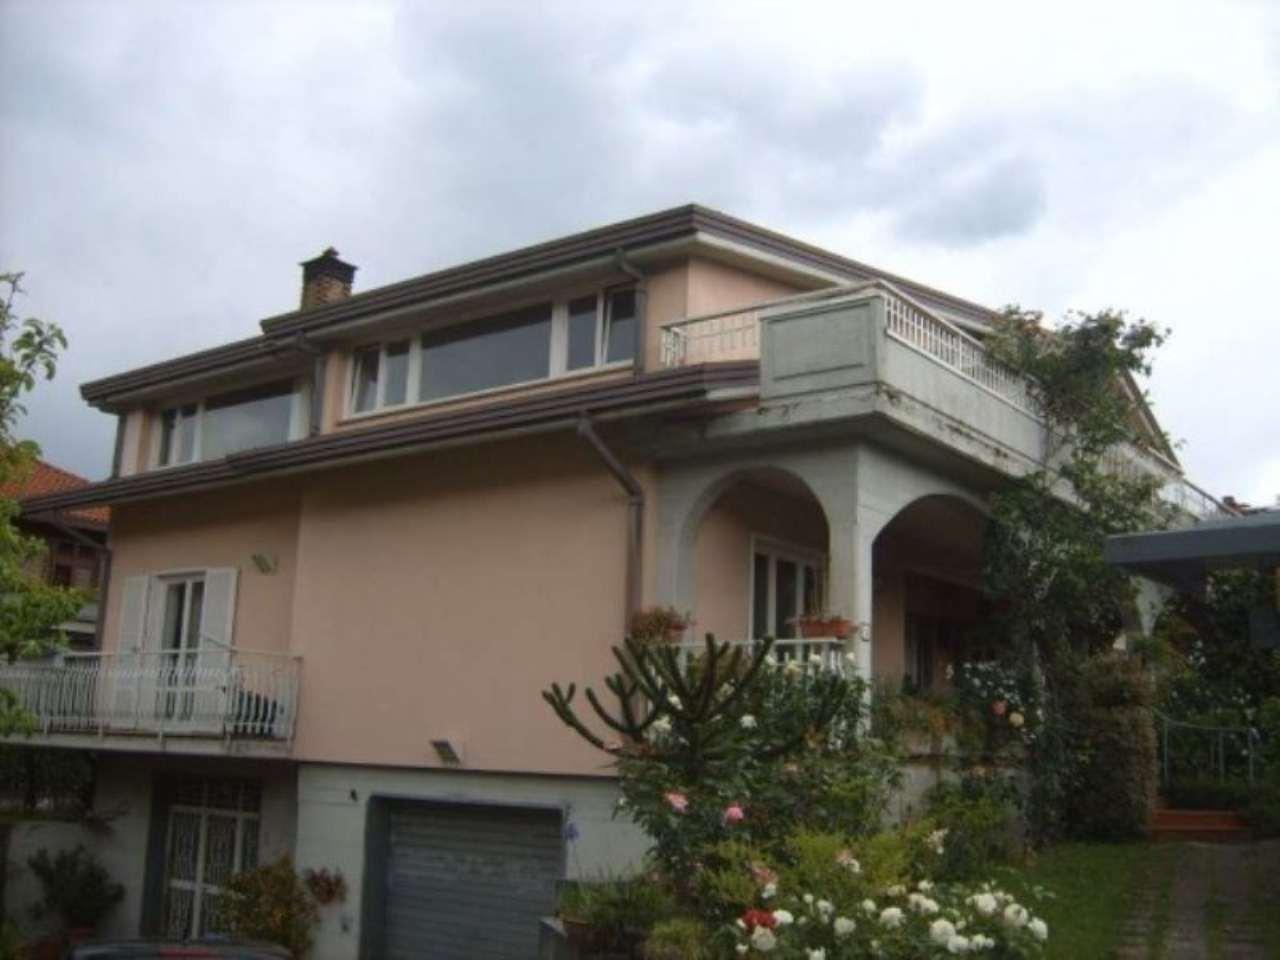 Appartamento in affitto a Monteforte Irpino, 4 locali, prezzo € 600 | CambioCasa.it